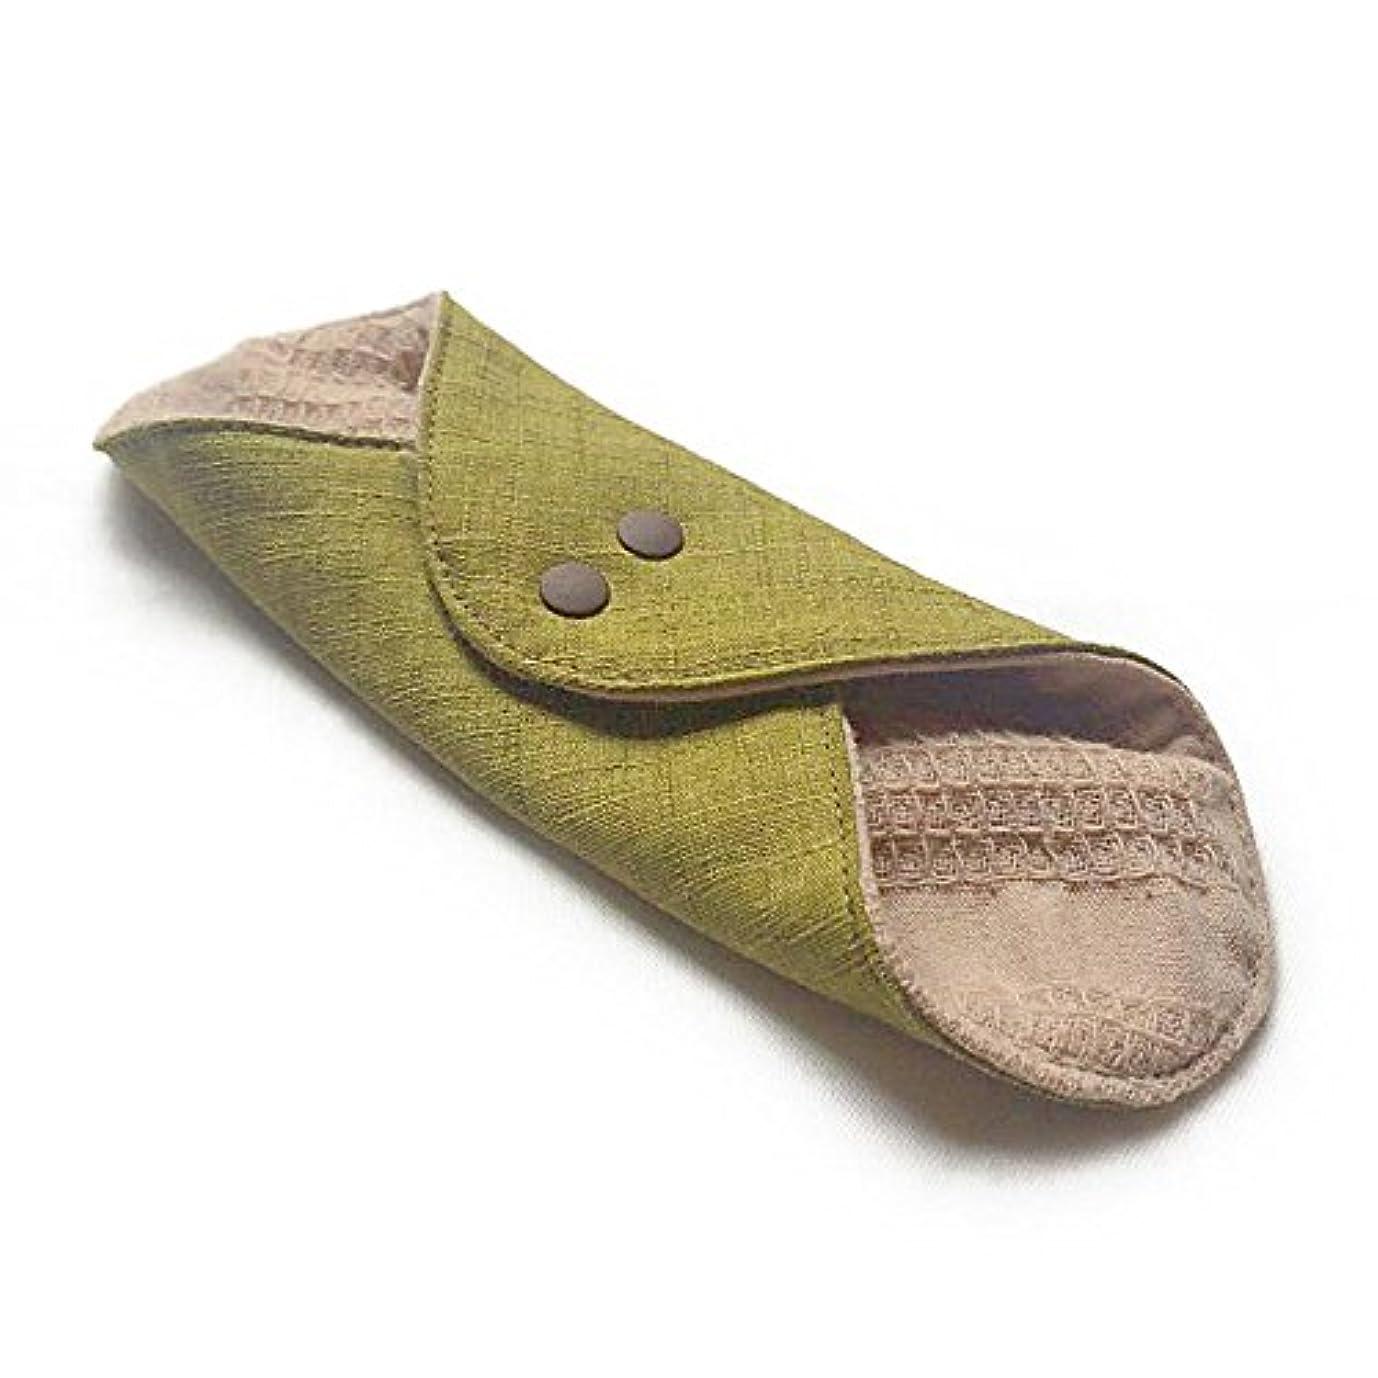 暴力一瞬グラフィック華布のオーガニックコットンのあたため布 Mサイズ(約15×約15cm) 彩り(抹茶)